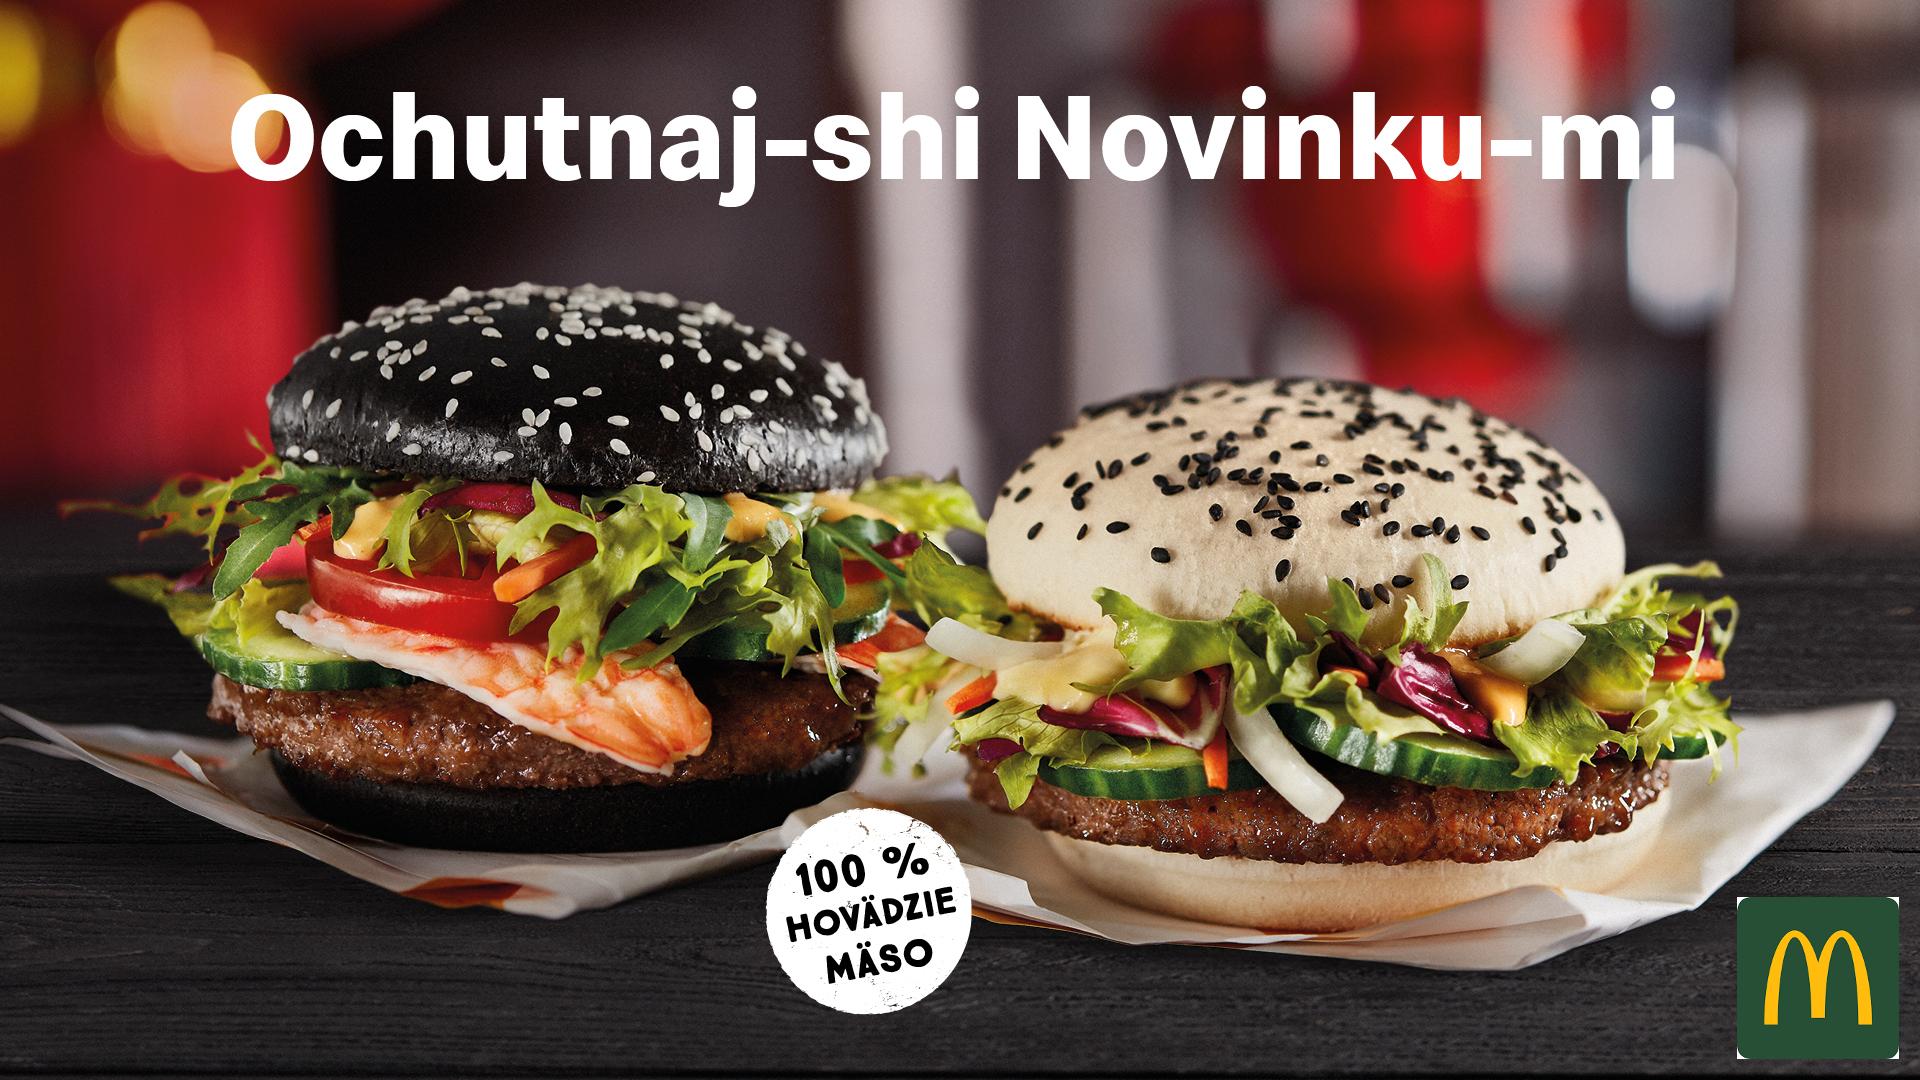 Kreveta-shi a Krava-shi. Dva nové hero burgery, čierny a biely, oba so 100 % hovädzím mäsom, Kreveta-shi ešte s krevetami navyše.